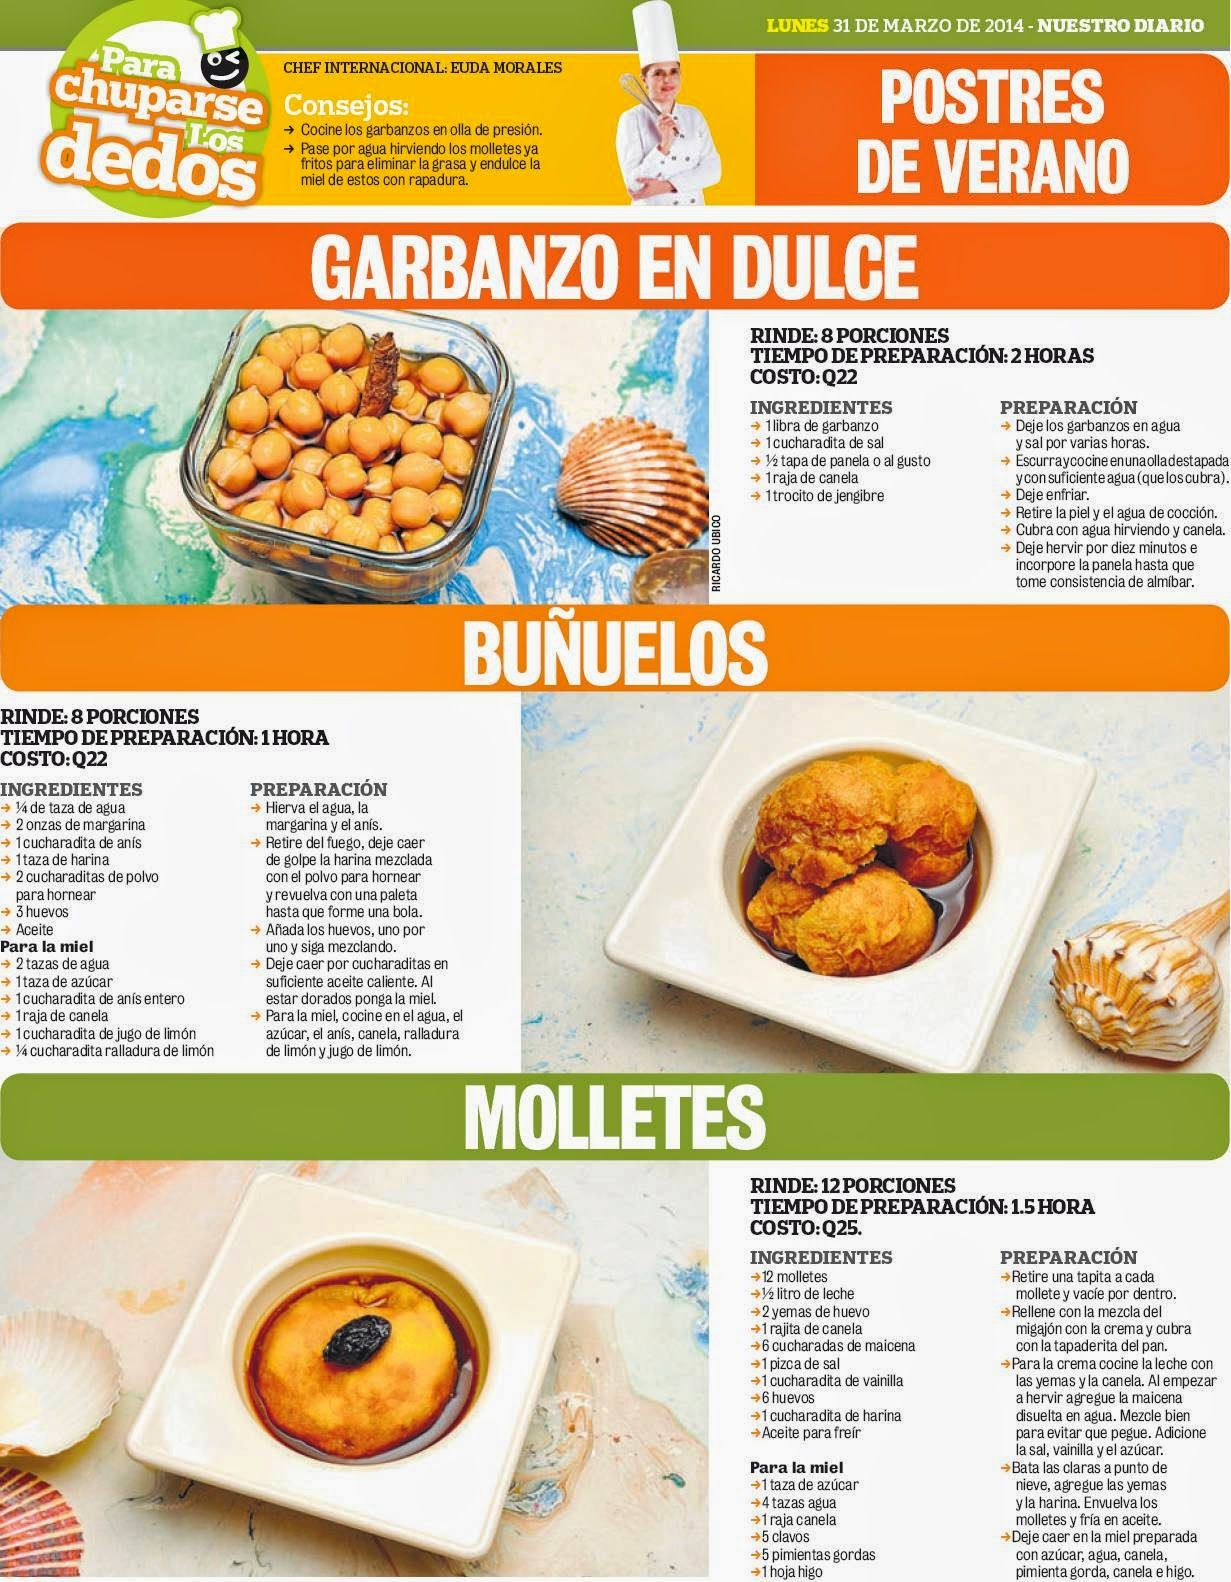 Cocinas y recetas postres para la semana santa comida for Comida semana santa